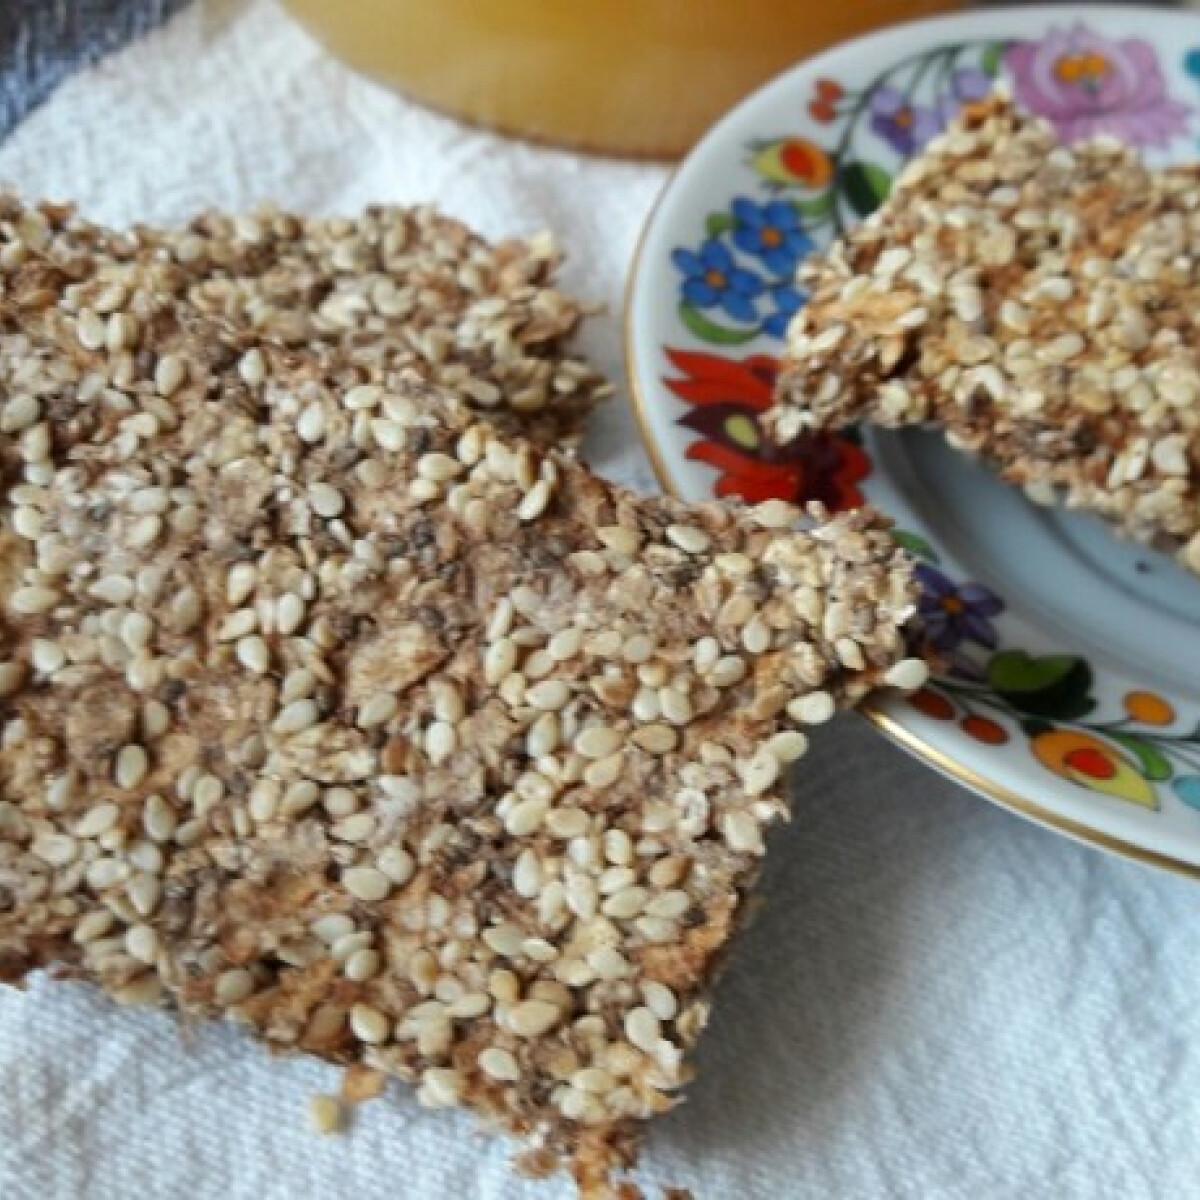 Ezen a képen: Gluténmentes, majdnem nyers, vegán, almás müzliszelet